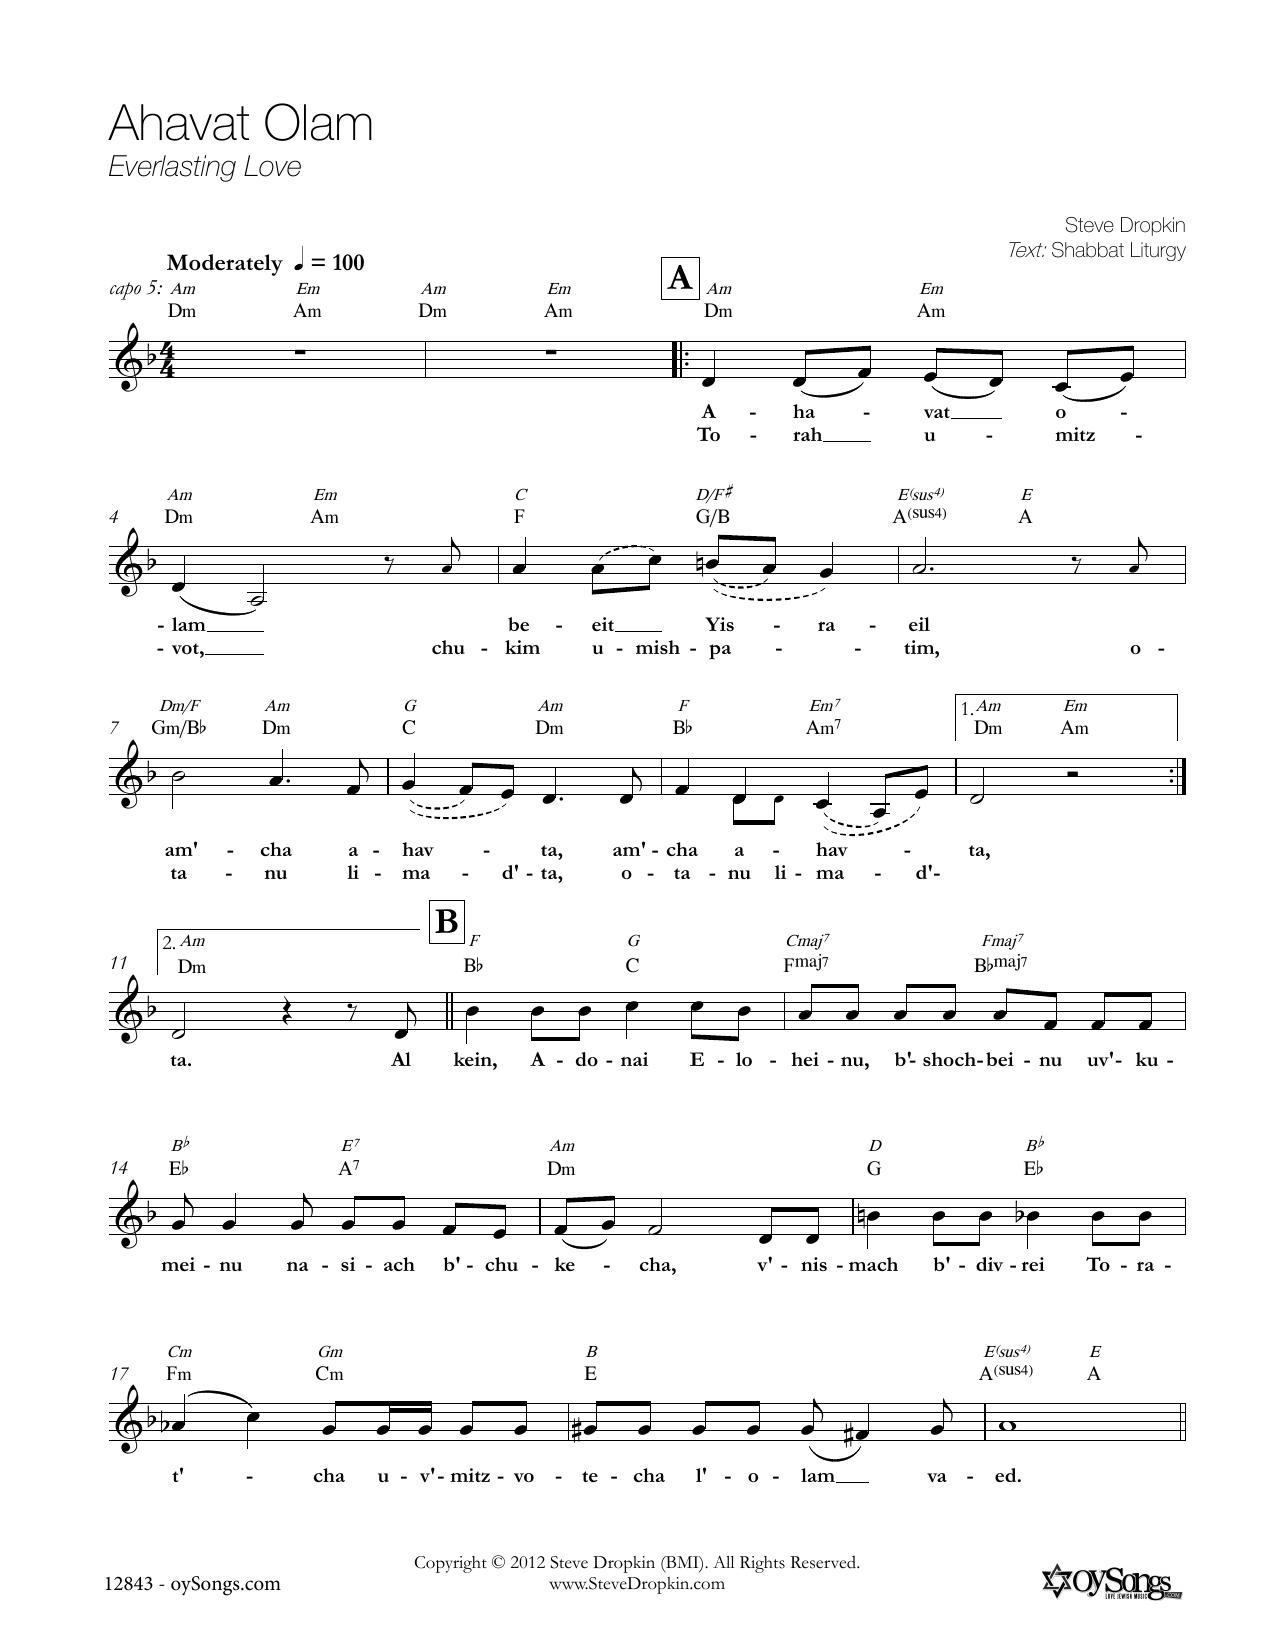 Ahavat Olam Sheet Music